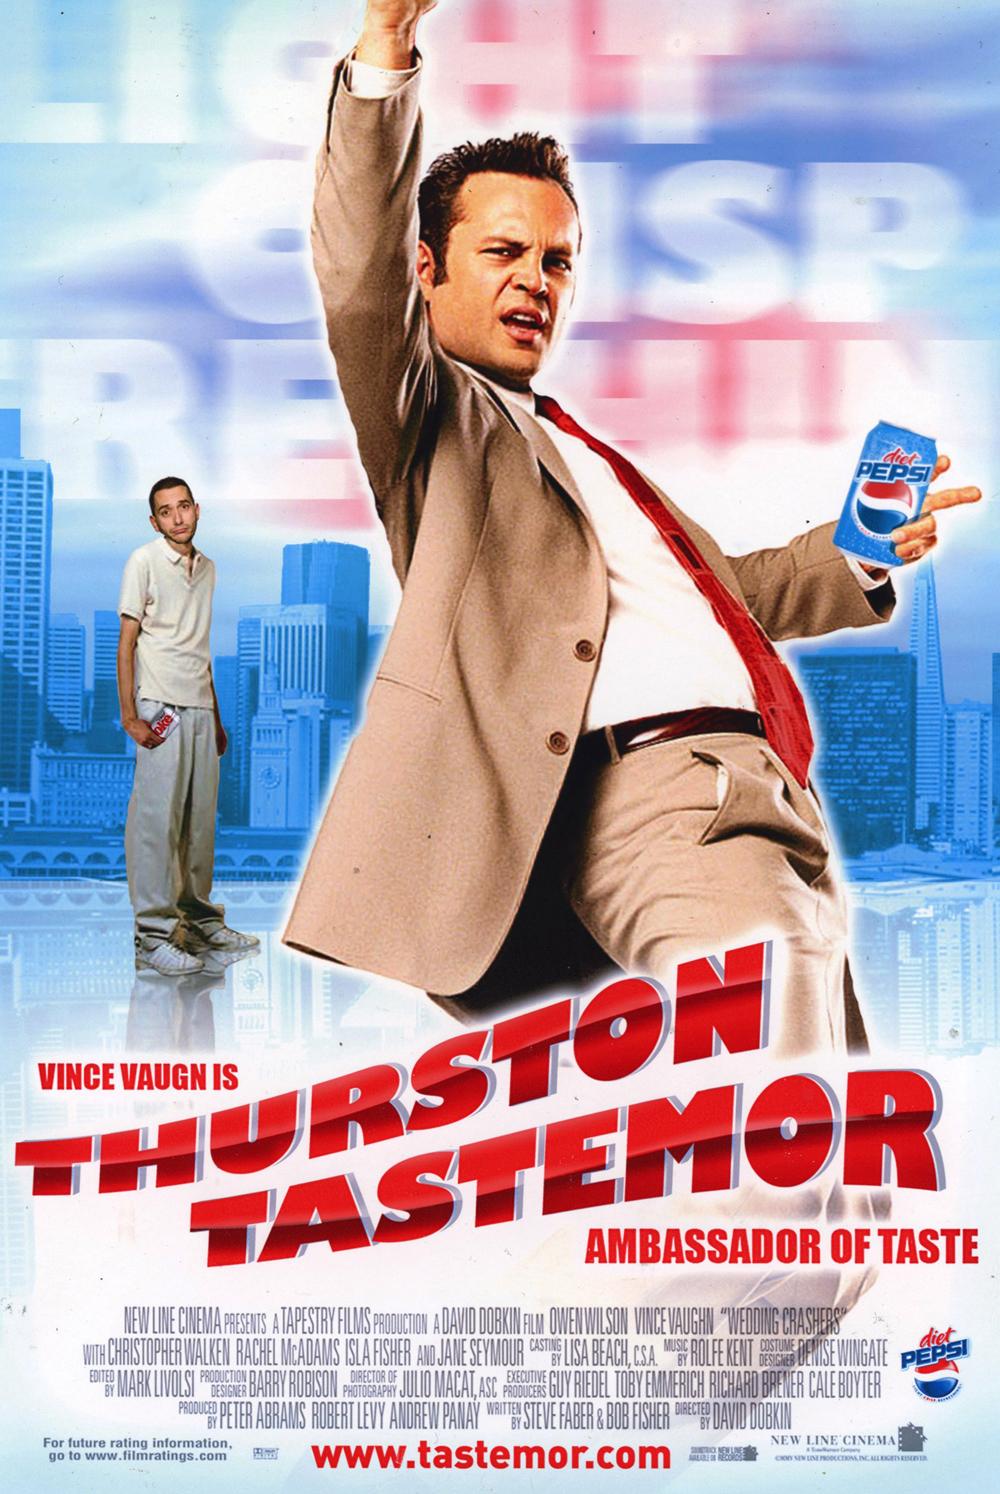 thurston tastemor.jpg